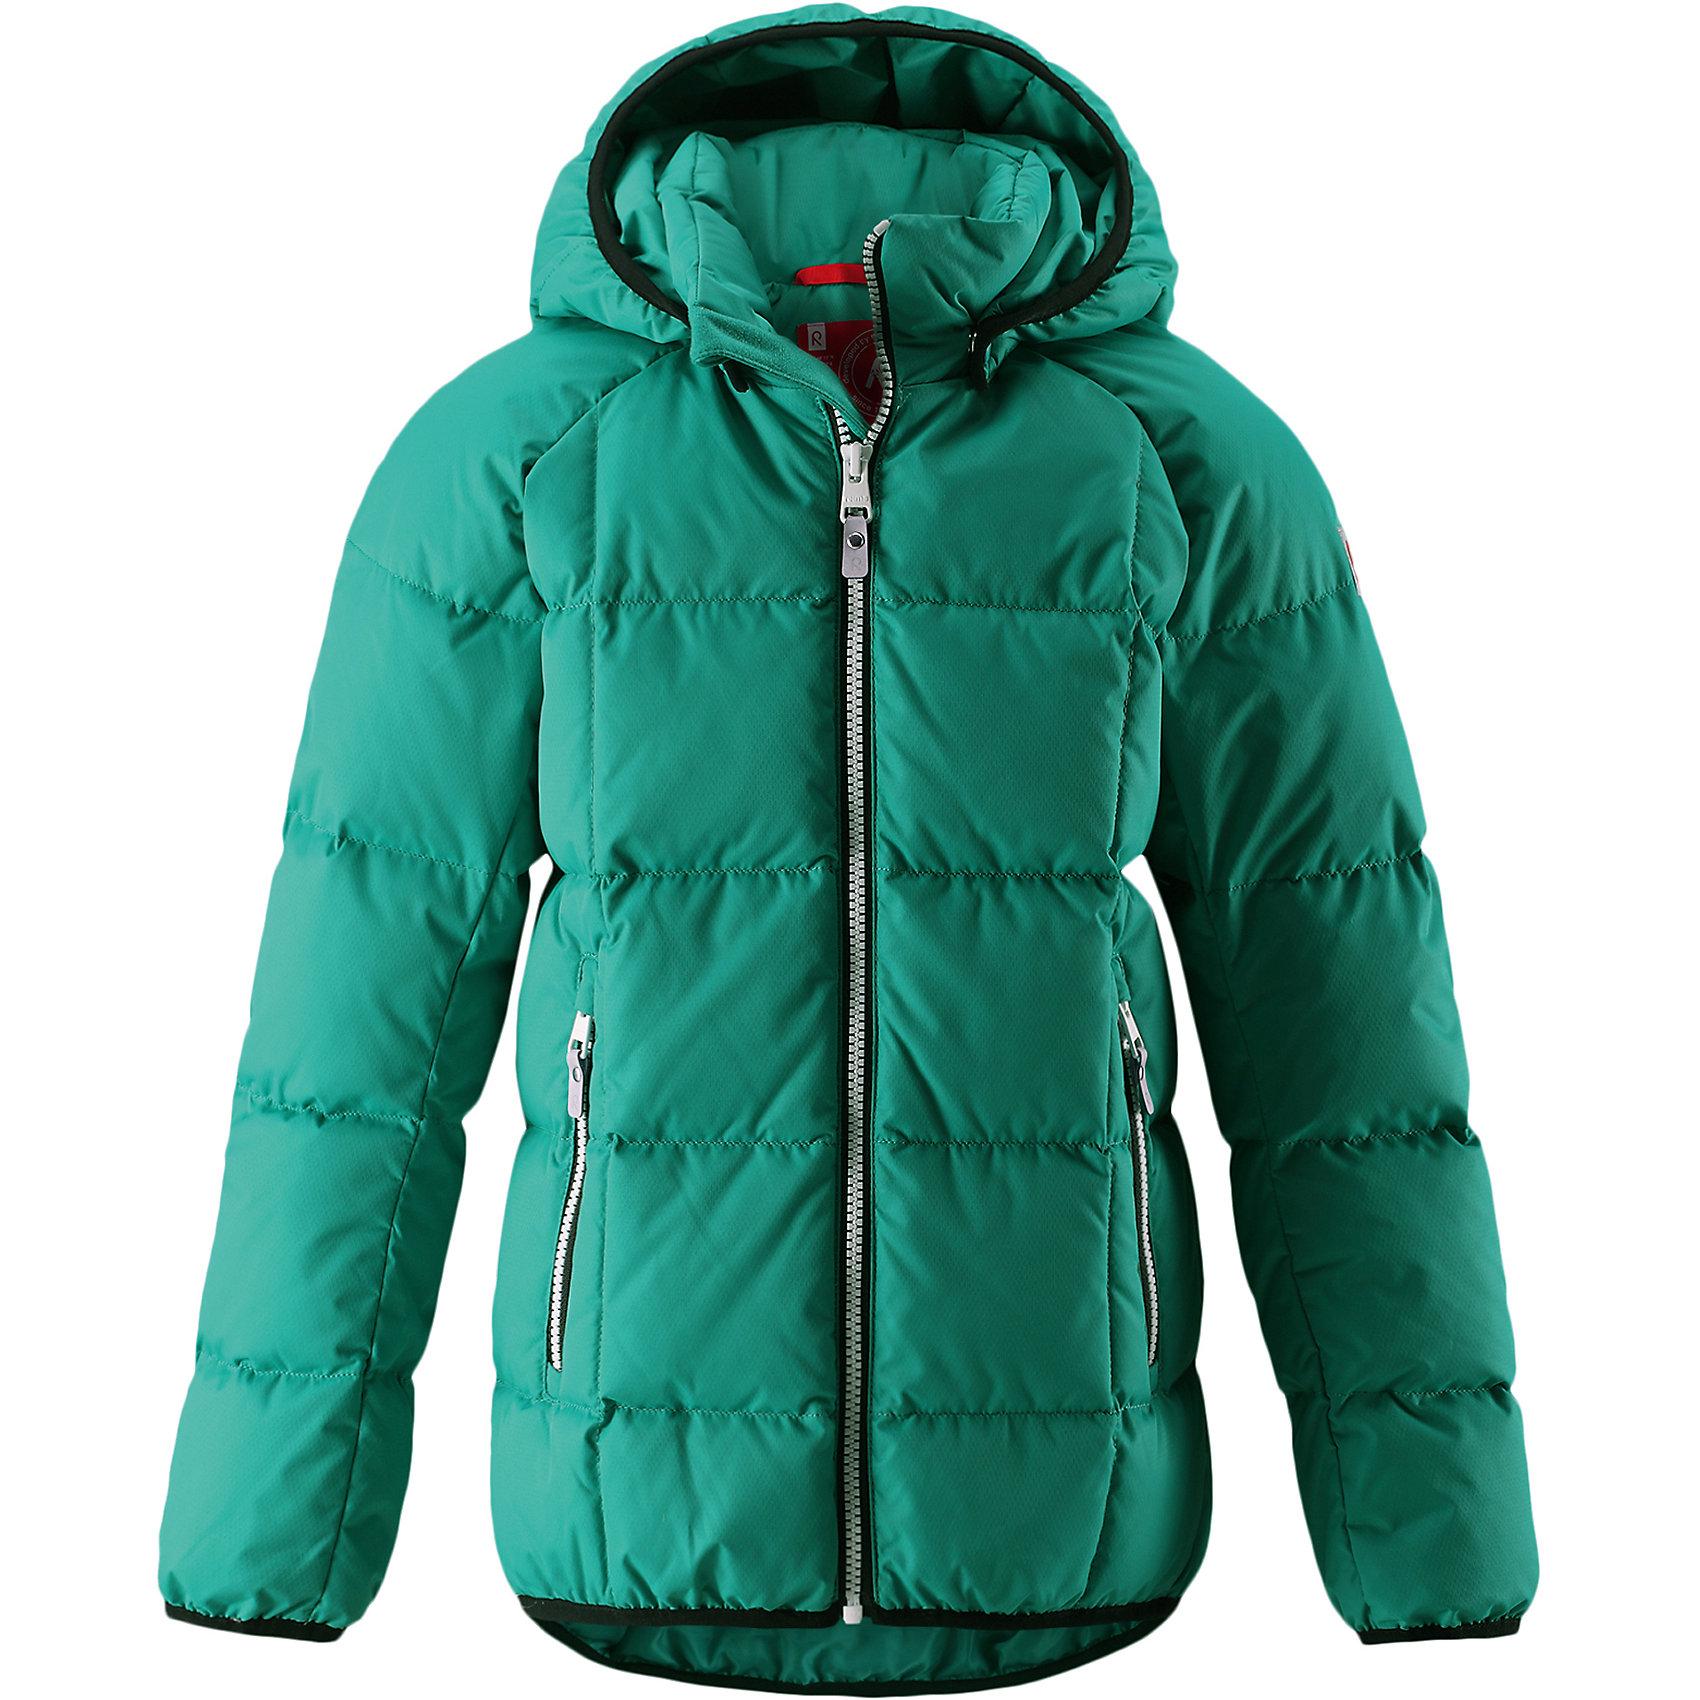 Куртка Reima JordОдежда<br>Куртка-пуховик для детей и подростков в спортивно-городском стиле. Поверхность с ромбовидным узором добби, утеплитель пух/перо (60/40%). Куртка изготовлена из дышащего, водо- и ветронепроницаемого материала, в ней вашему ребенку будет тепло и уютно в морозный день. Эта куртка с подкладкой из гладкого полиэстера легко надевается. <br><br>Снабжена безопасным съемным капюшоном, карманами на молнии и эластичной сборкой по краю капюшона, на манжетах и подоле. Куртка изготовлена из грязеотталкивающего материала, но при этом ее можно сушить в сушильной машине. <br>Состав:<br>100% Полиэстер<br><br>Ширина мм: 356<br>Глубина мм: 10<br>Высота мм: 245<br>Вес г: 519<br>Цвет: зеленый<br>Возраст от месяцев: 156<br>Возраст до месяцев: 168<br>Пол: Унисекс<br>Возраст: Детский<br>Размер: 164,104,110,116,122,128,134,140,146,152,158<br>SKU: 6903160